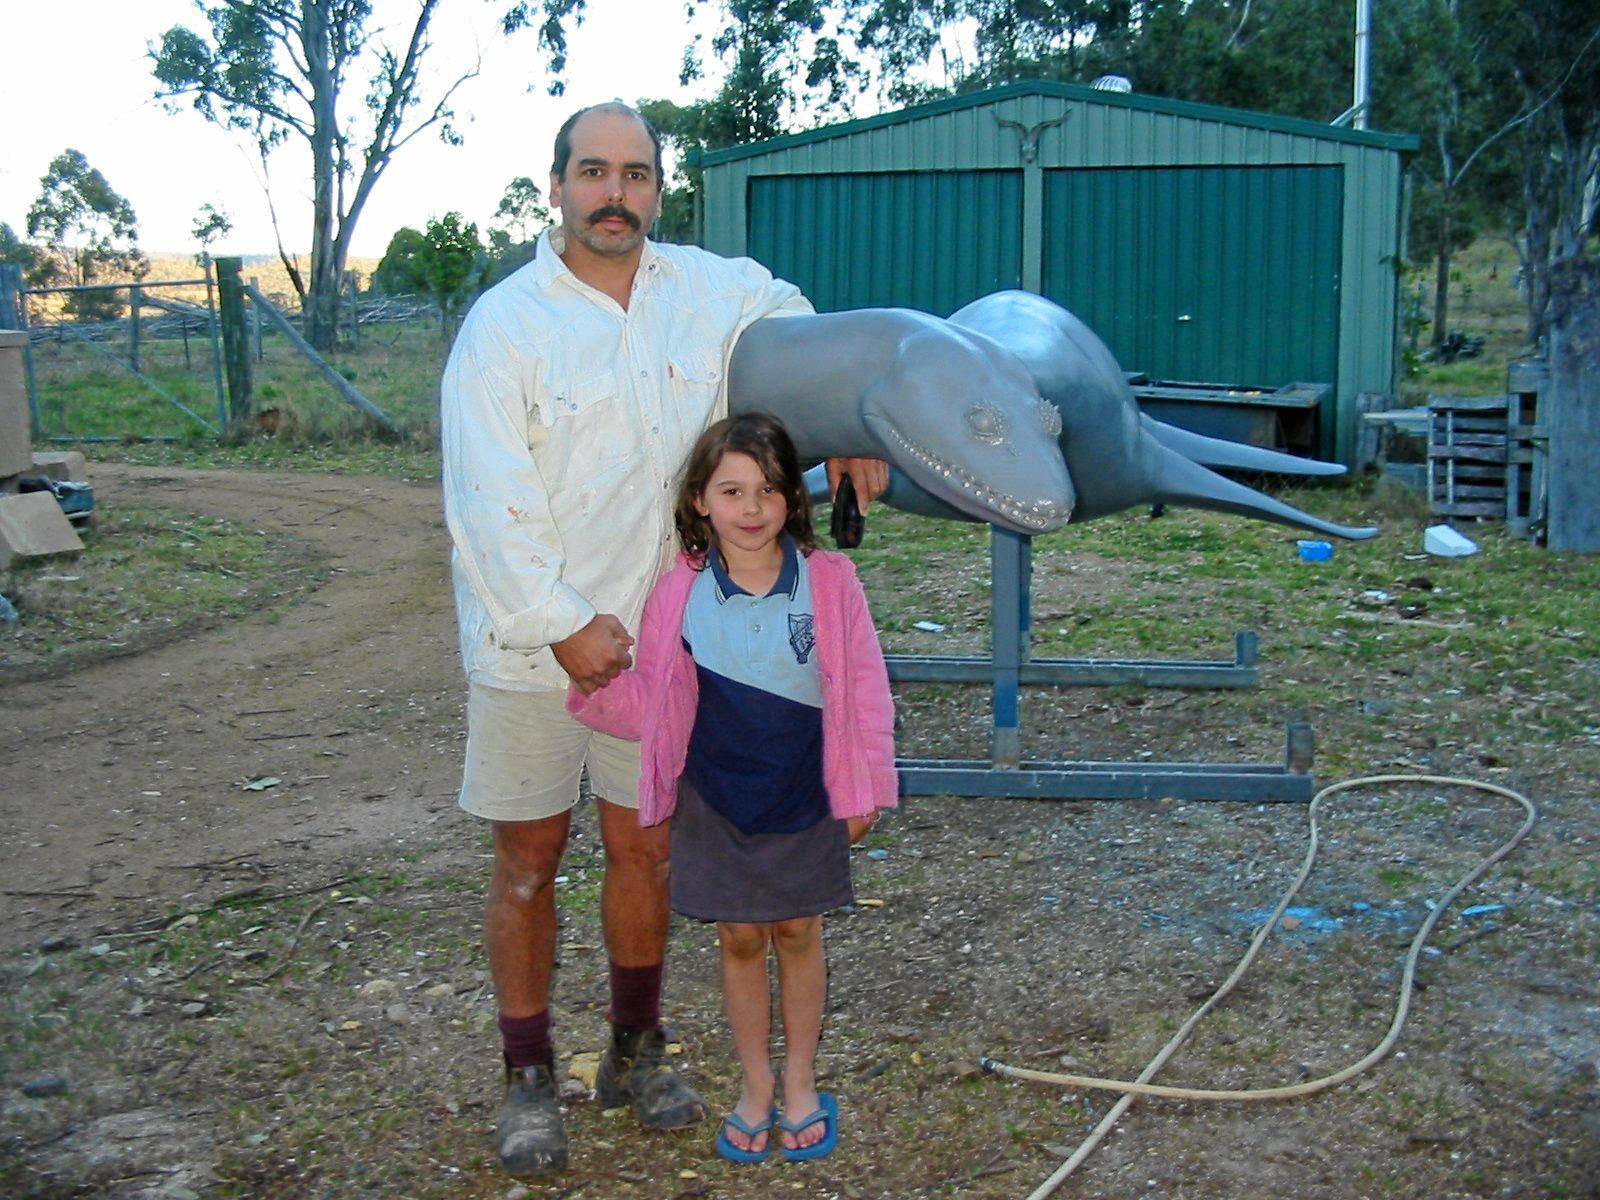 Paul Stumkat sculpting with daughter Teal.